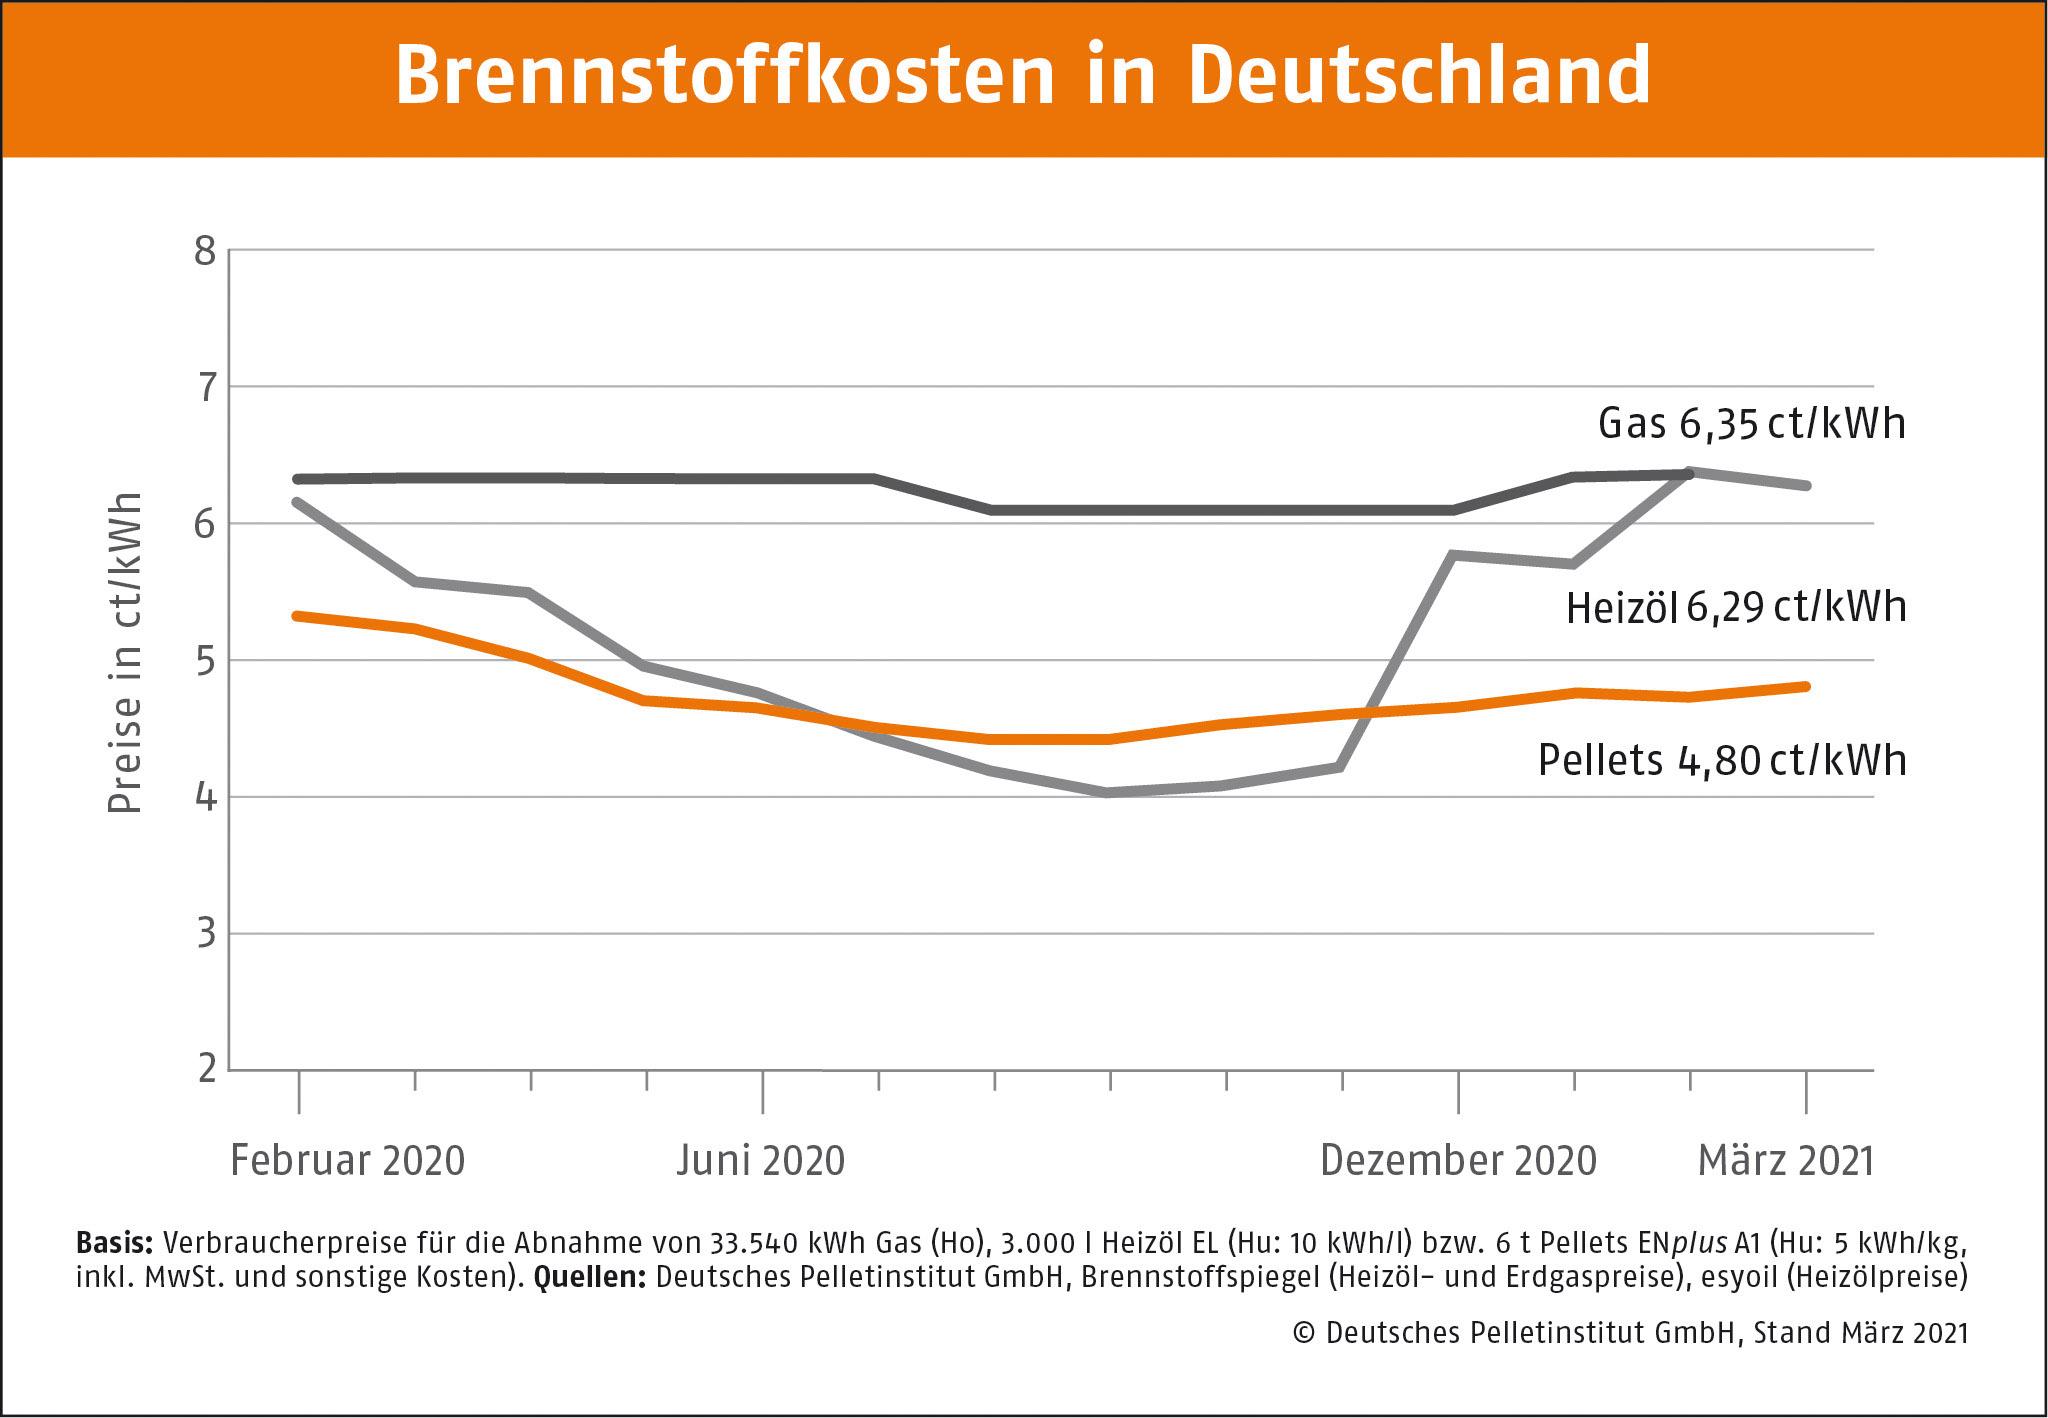 DEPI Brennstoffkosten in Deutschland Maerz 2021